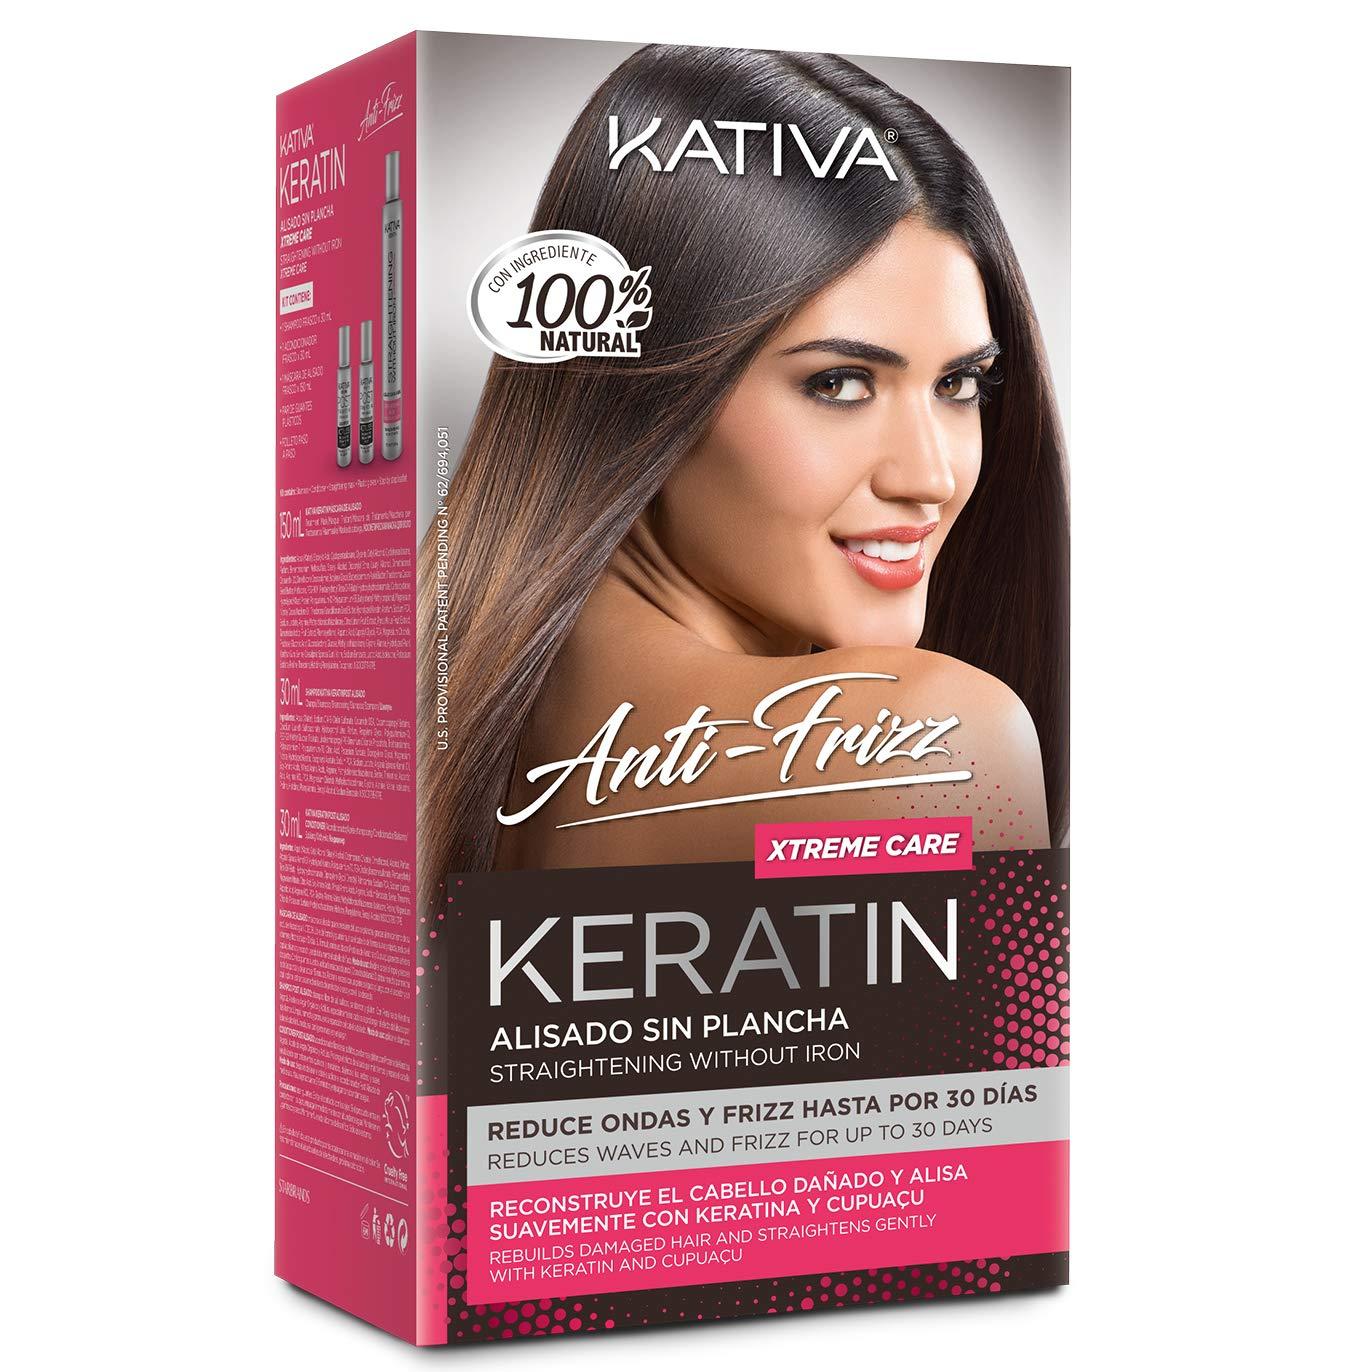 Kativa - Xtreme Care Alisado Sin Plancha: Amazon.es